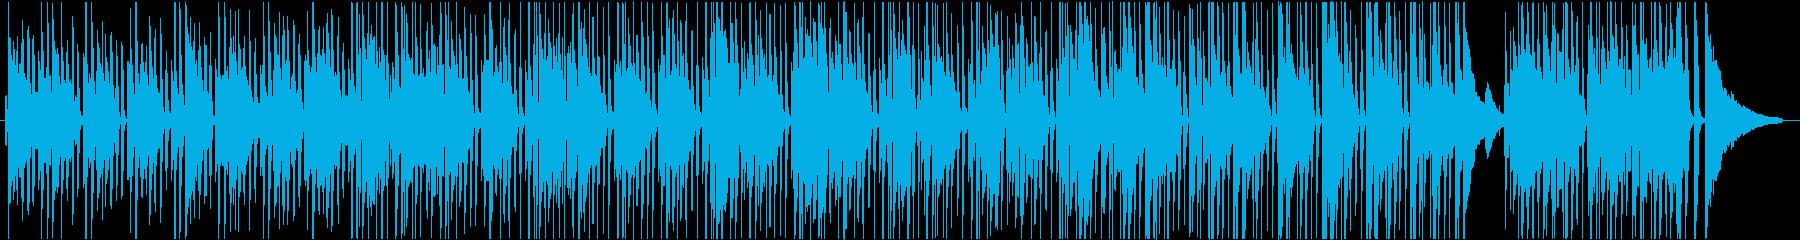 ゆるくてさわかなブラジリアンテイスト曲の再生済みの波形